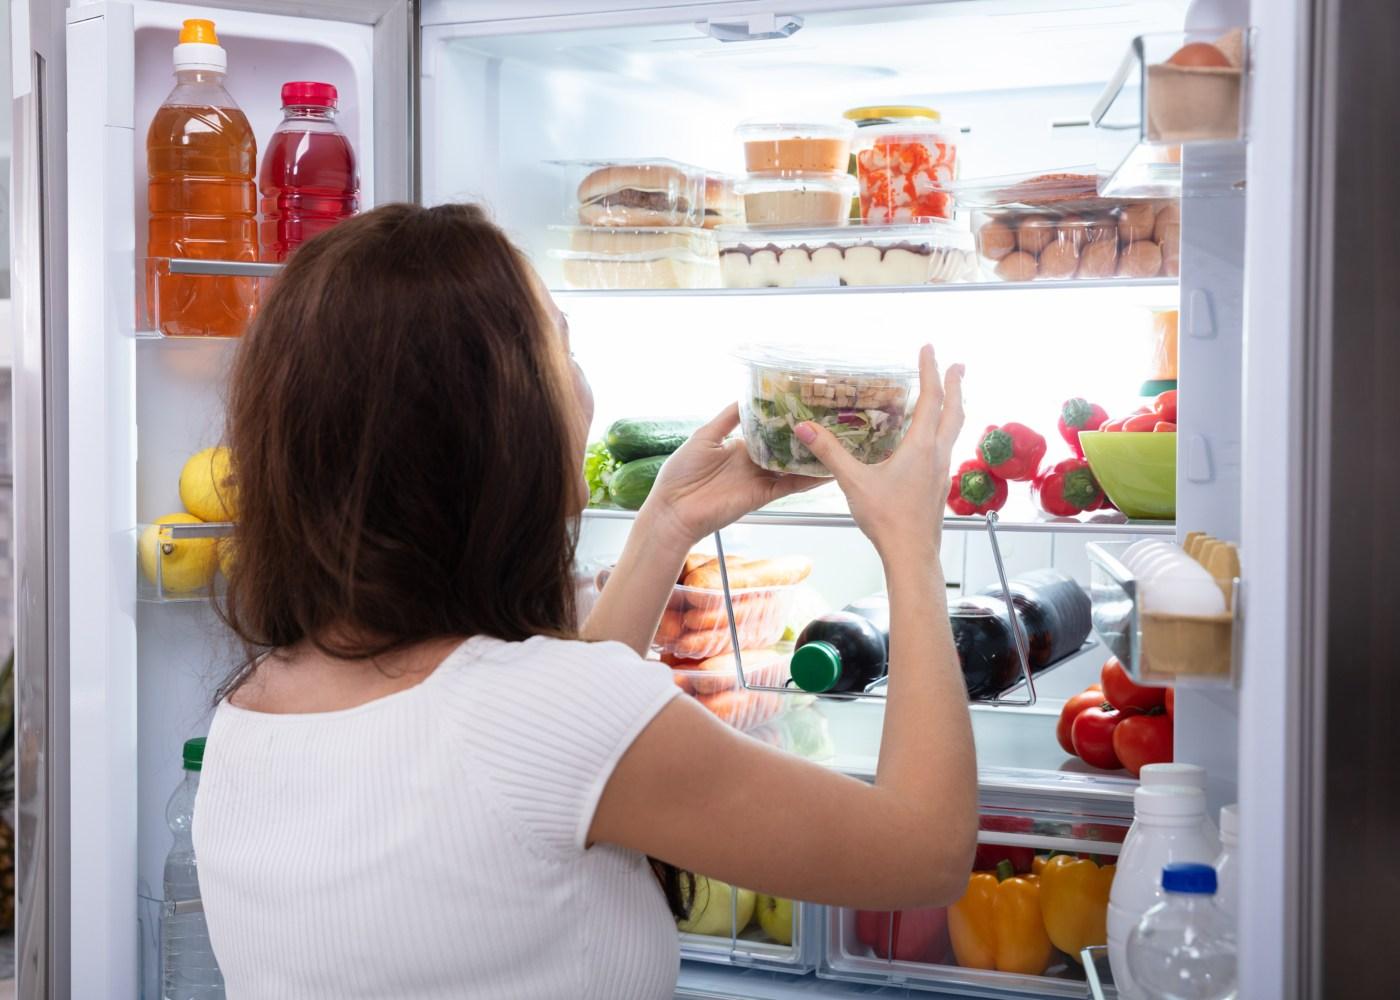 mulher a guardar embalagem no frigorífico